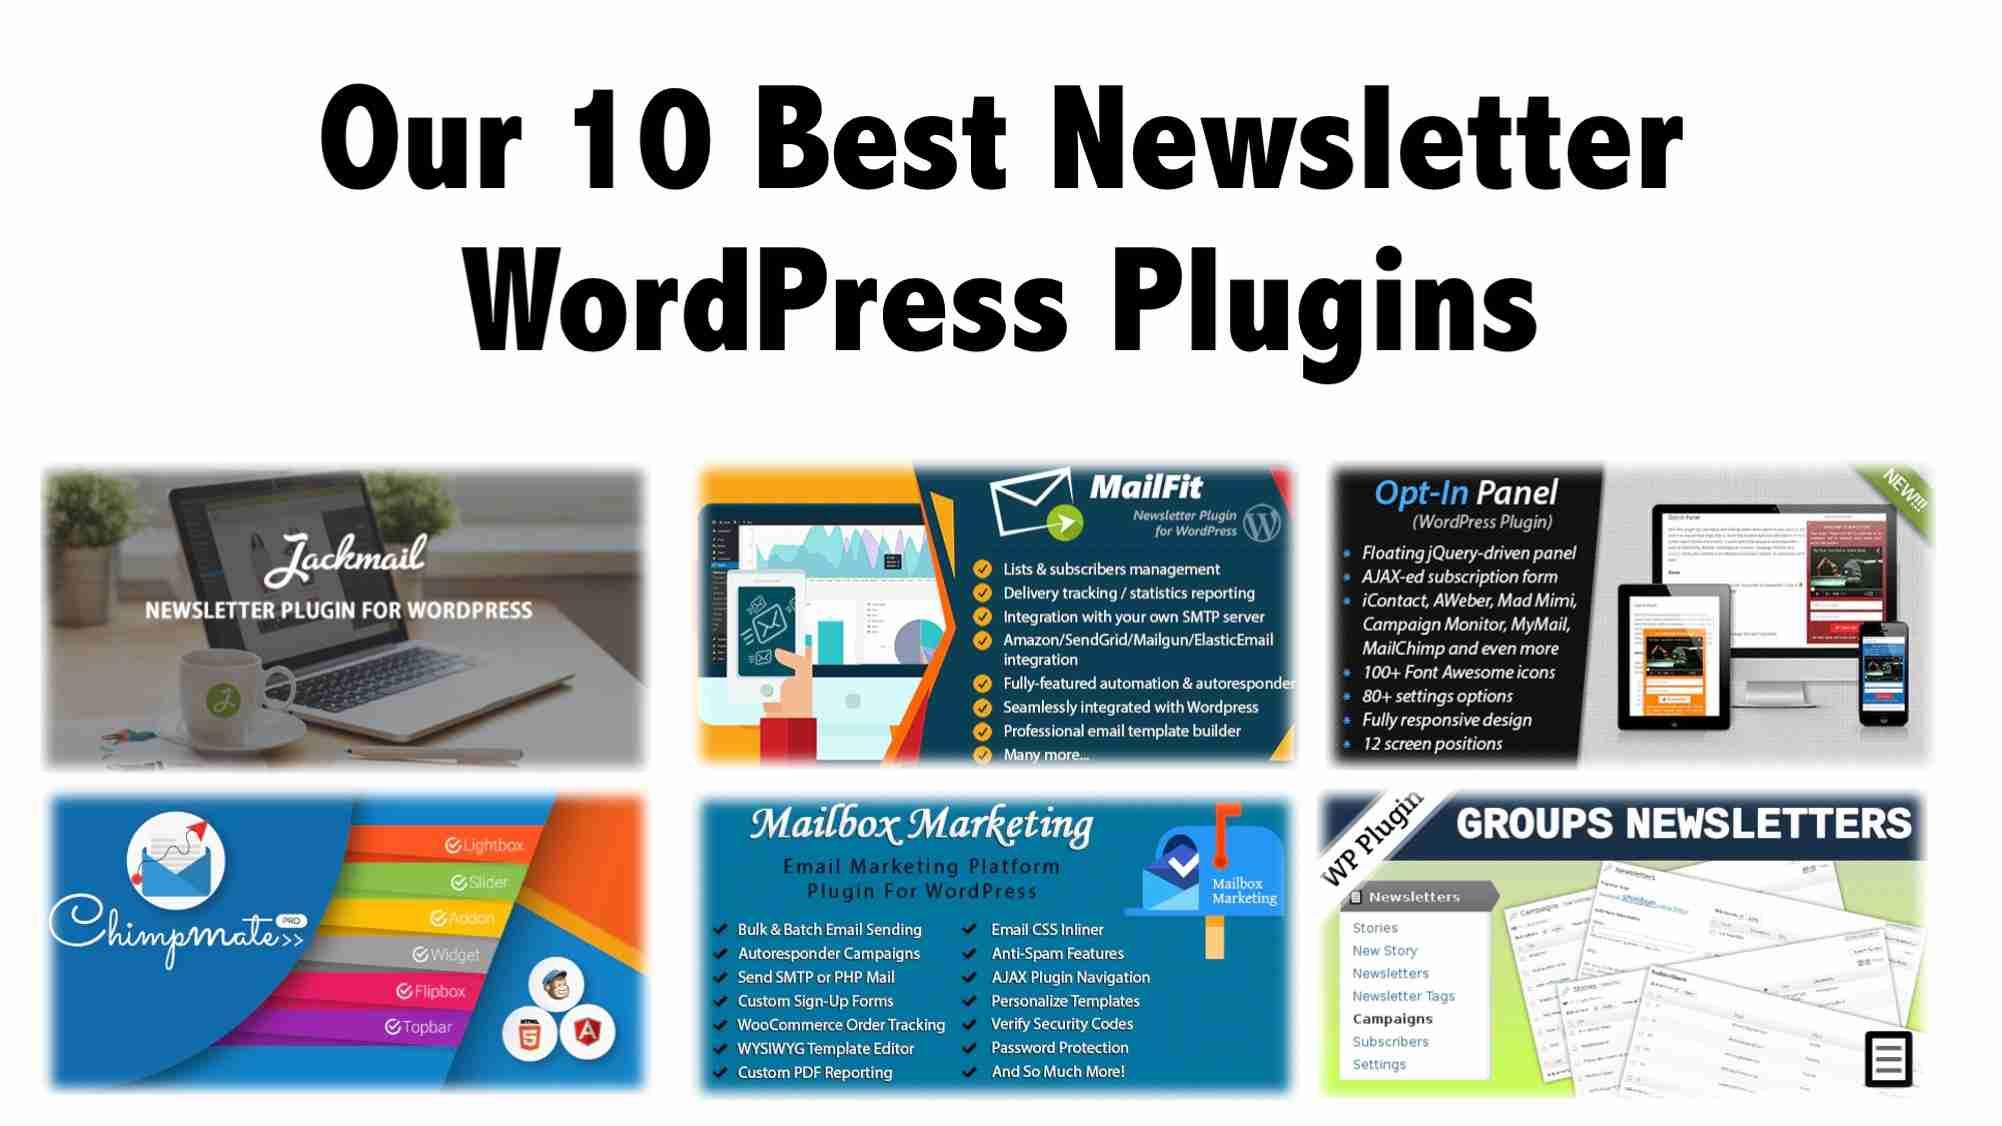 Our 10 Best Newsletter WordPress Plugins